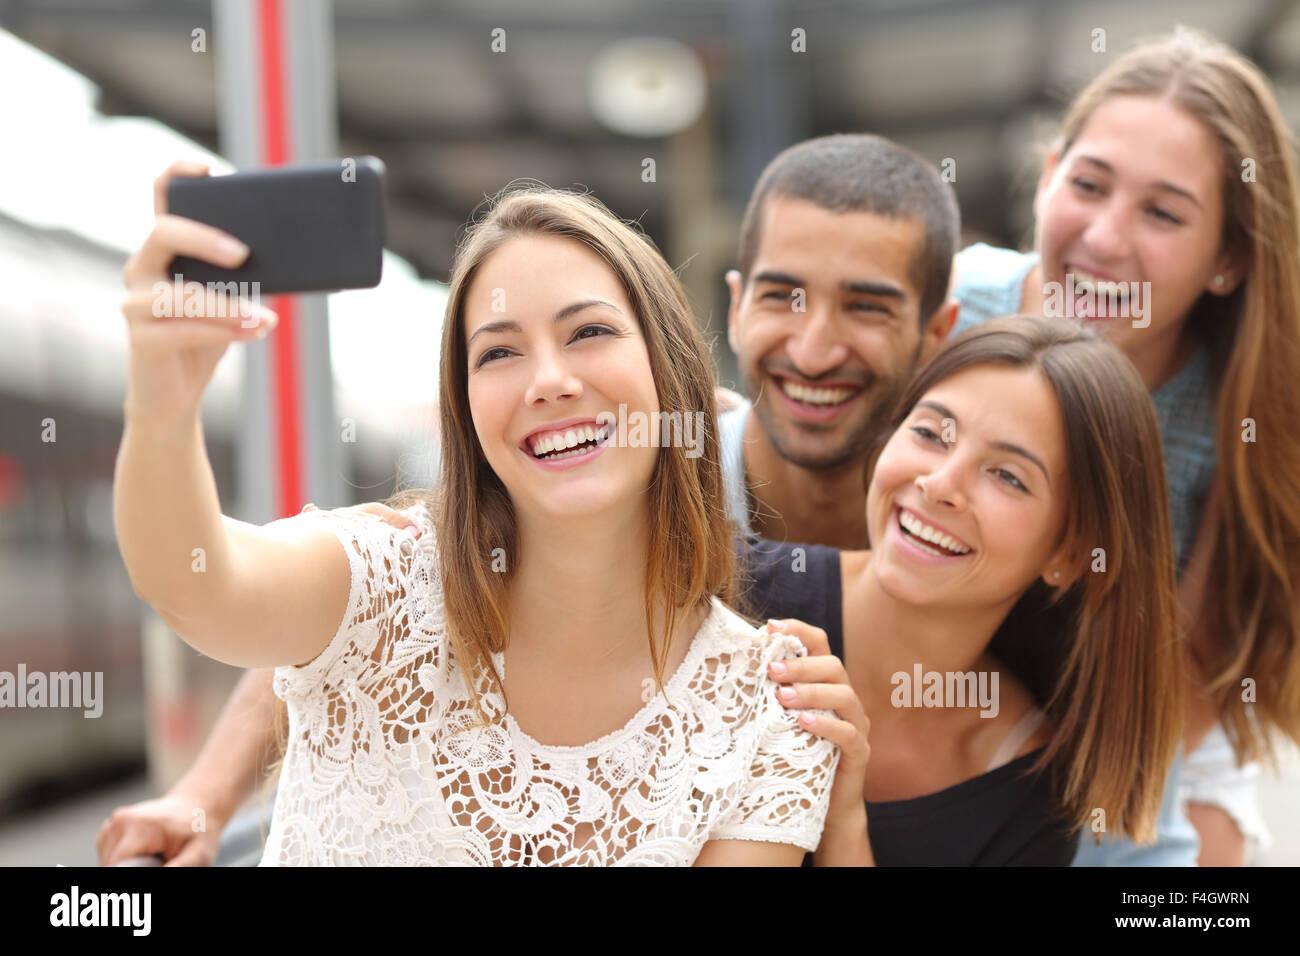 Il gruppo di quattro simpatici amici prendendo selfie con uno smart phone in una stazione ferroviaria in estate Immagini Stock